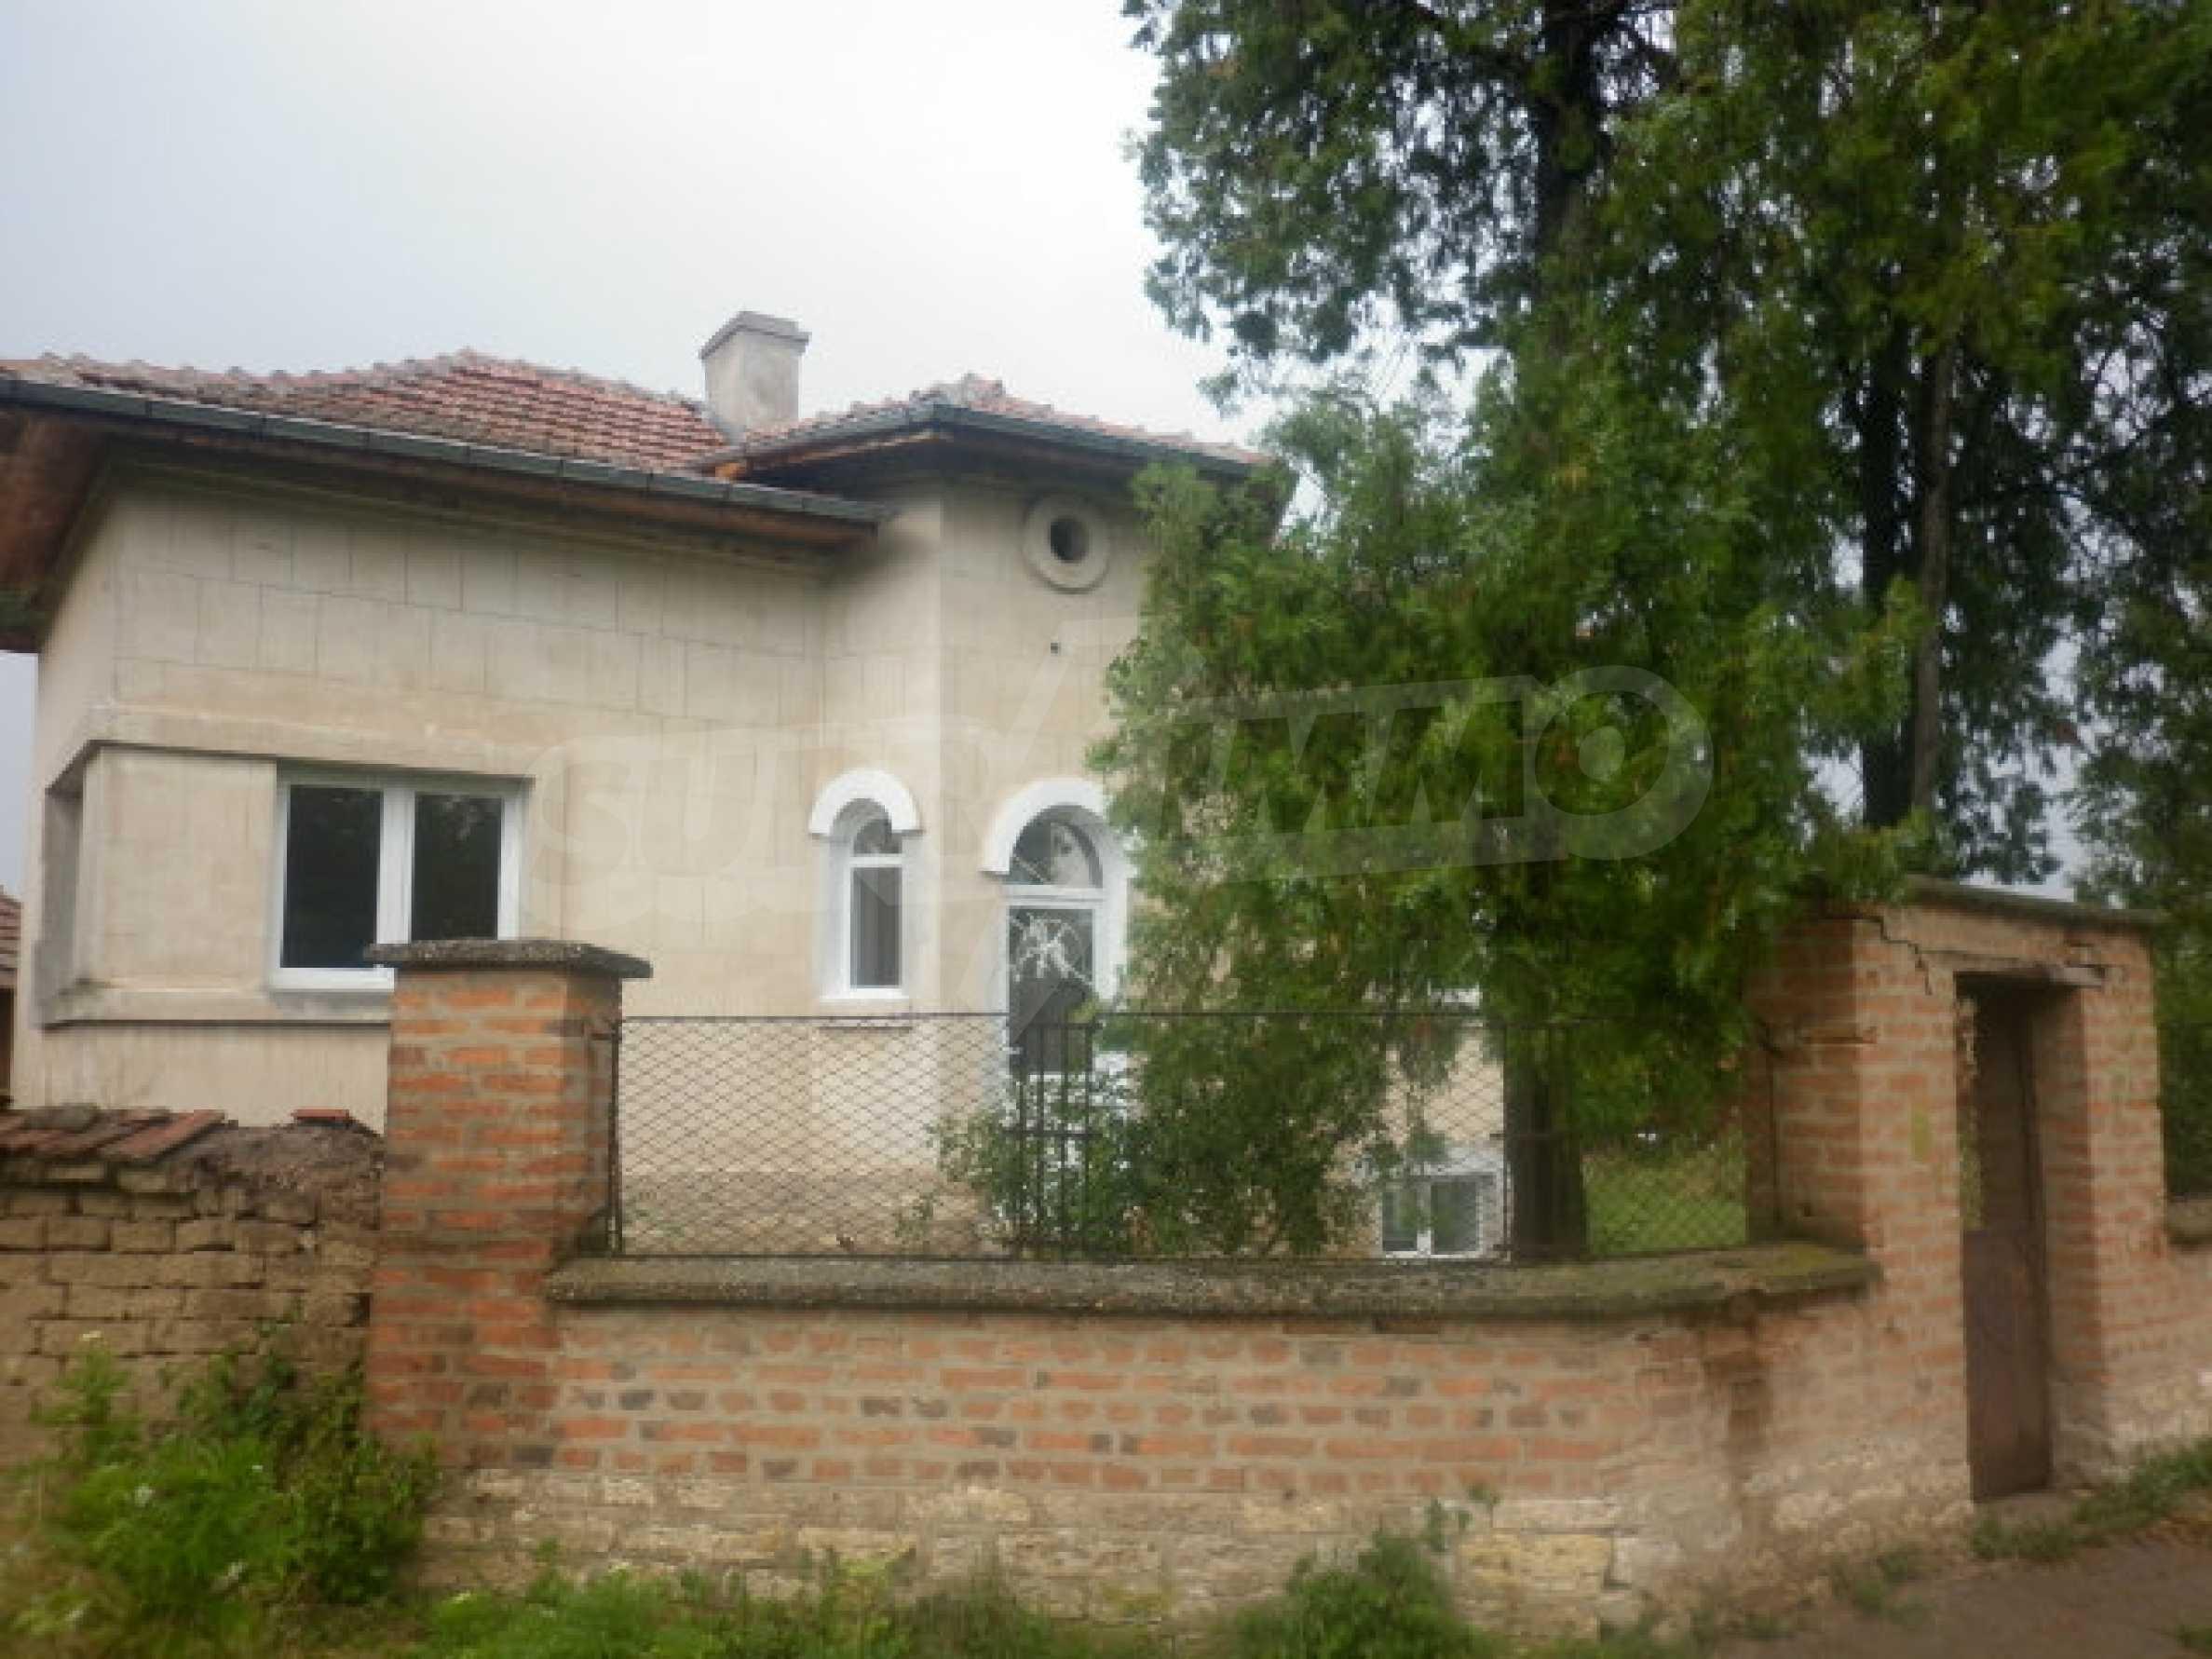 Большой дом в прекрасном состоянии возле города Враца